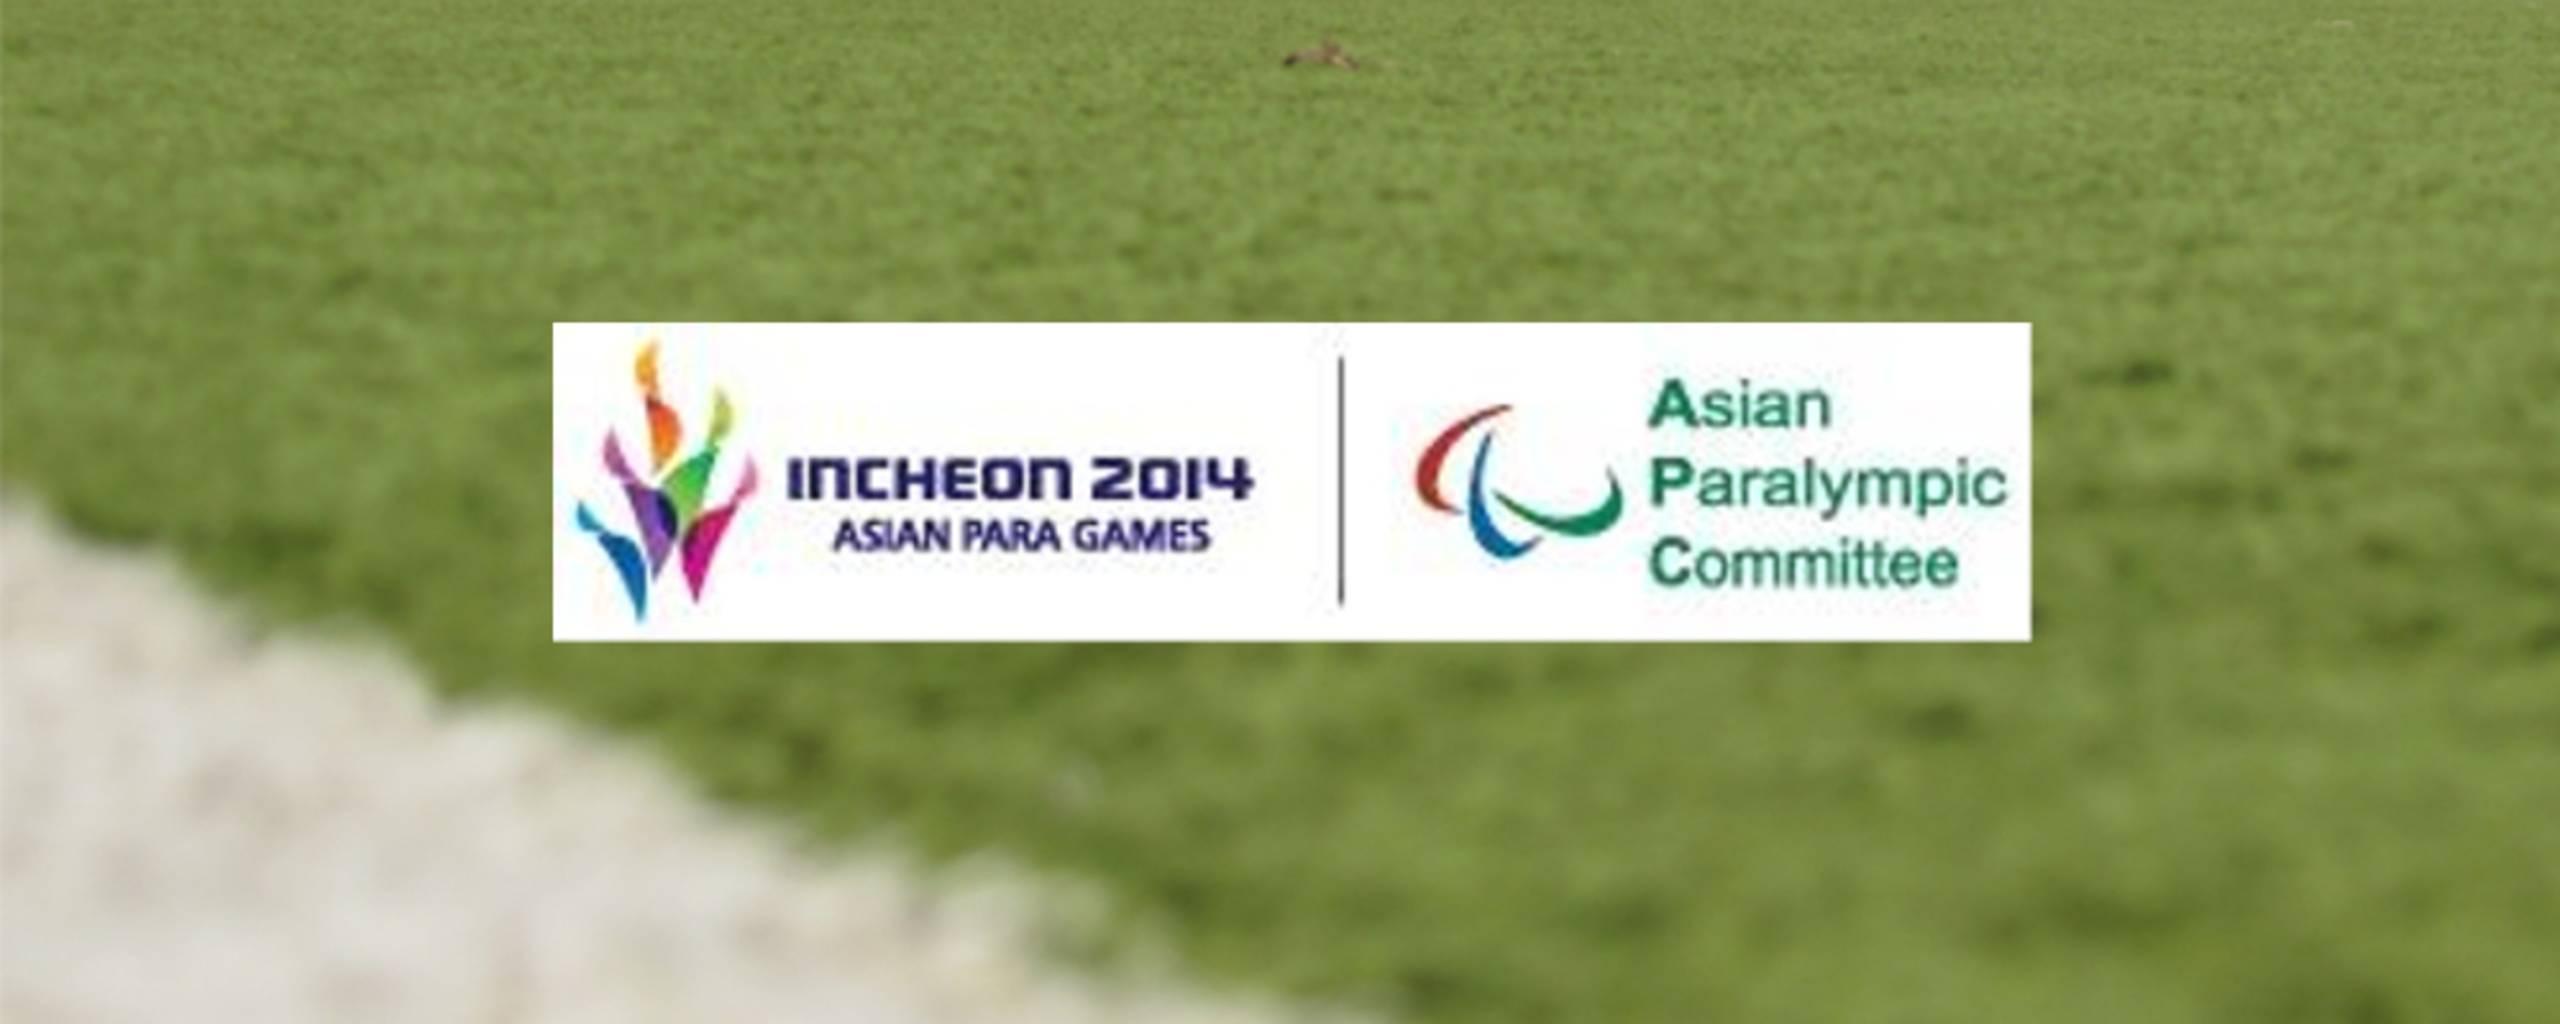 APG-Logo auf Fußballplatzhintergrund (Logo-Quelle: IBSA)